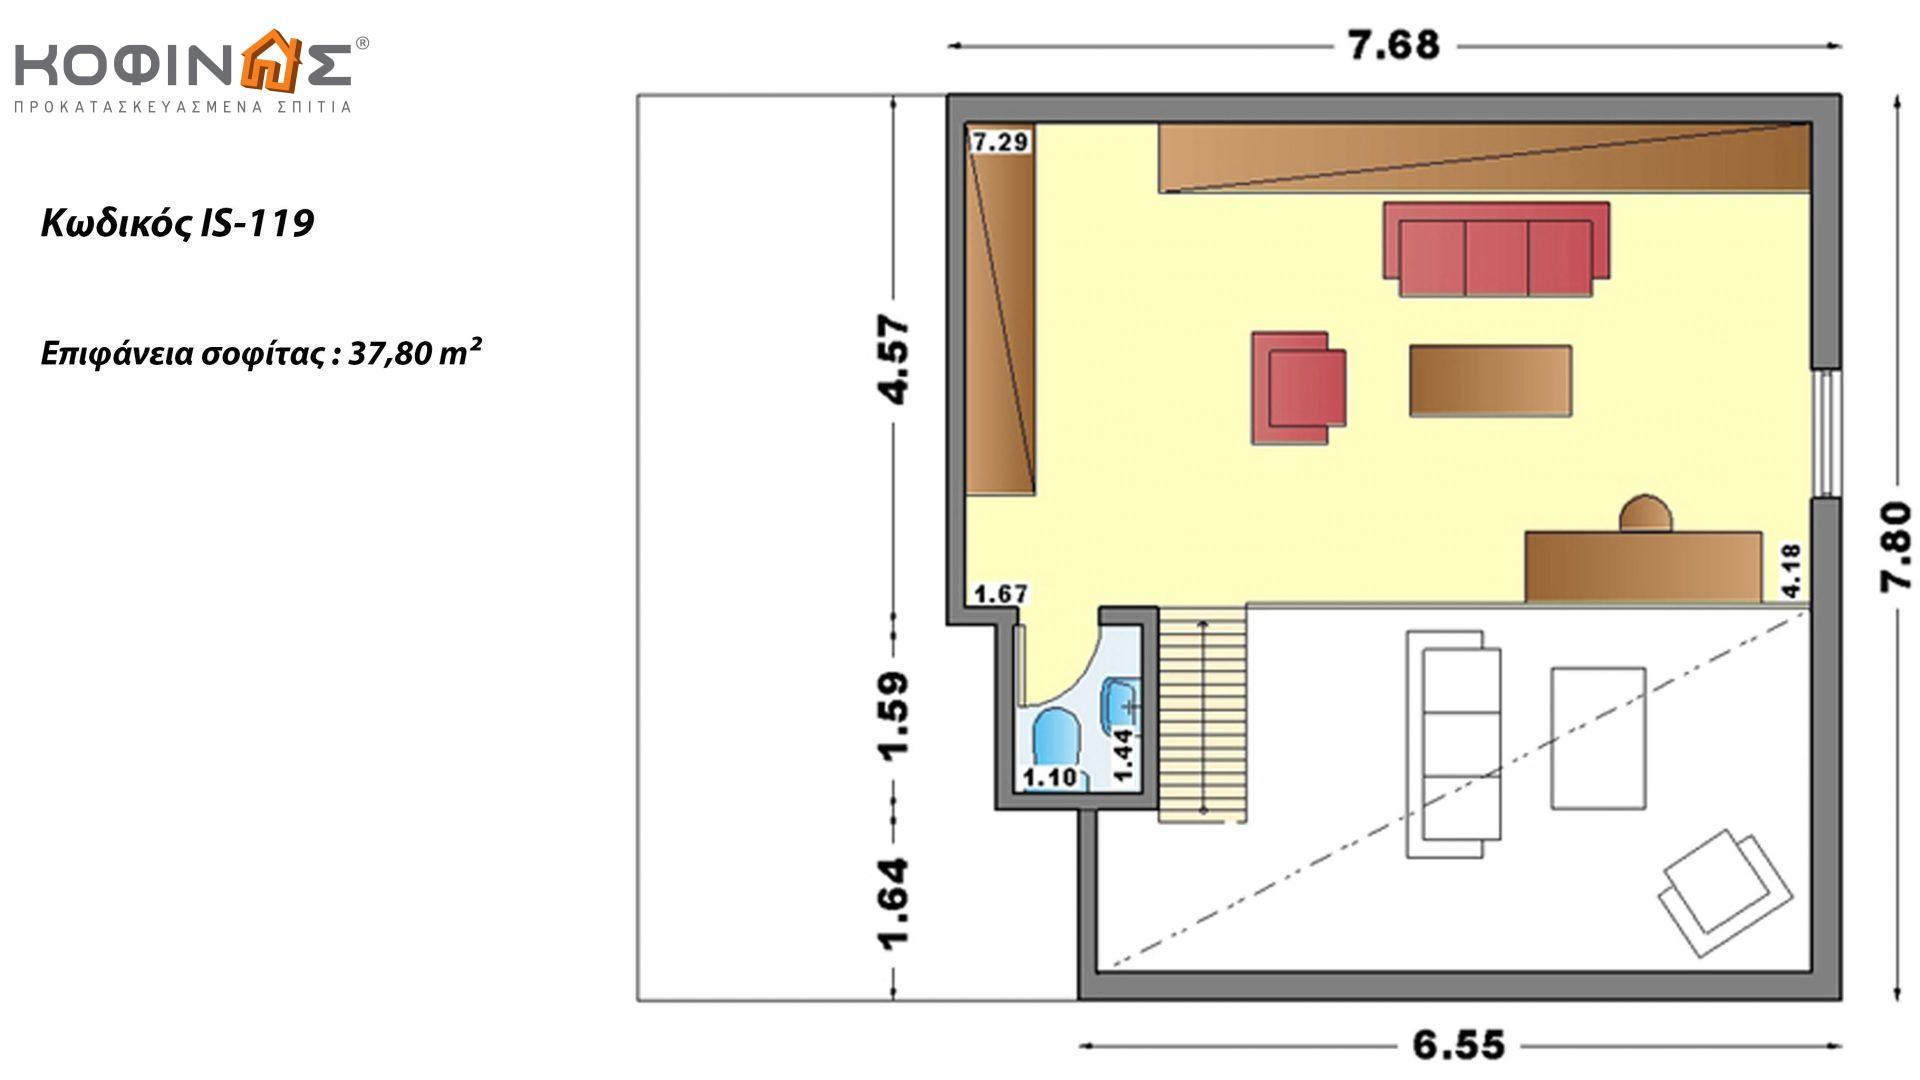 Ισόγεια Κατοικία με Σοφίτα IS-119, συνολικής επιφάνειας 119,70 τ.μ. ,συνολική επιφάνεια στεγασμένων χώρων 27,70 τ.μ.